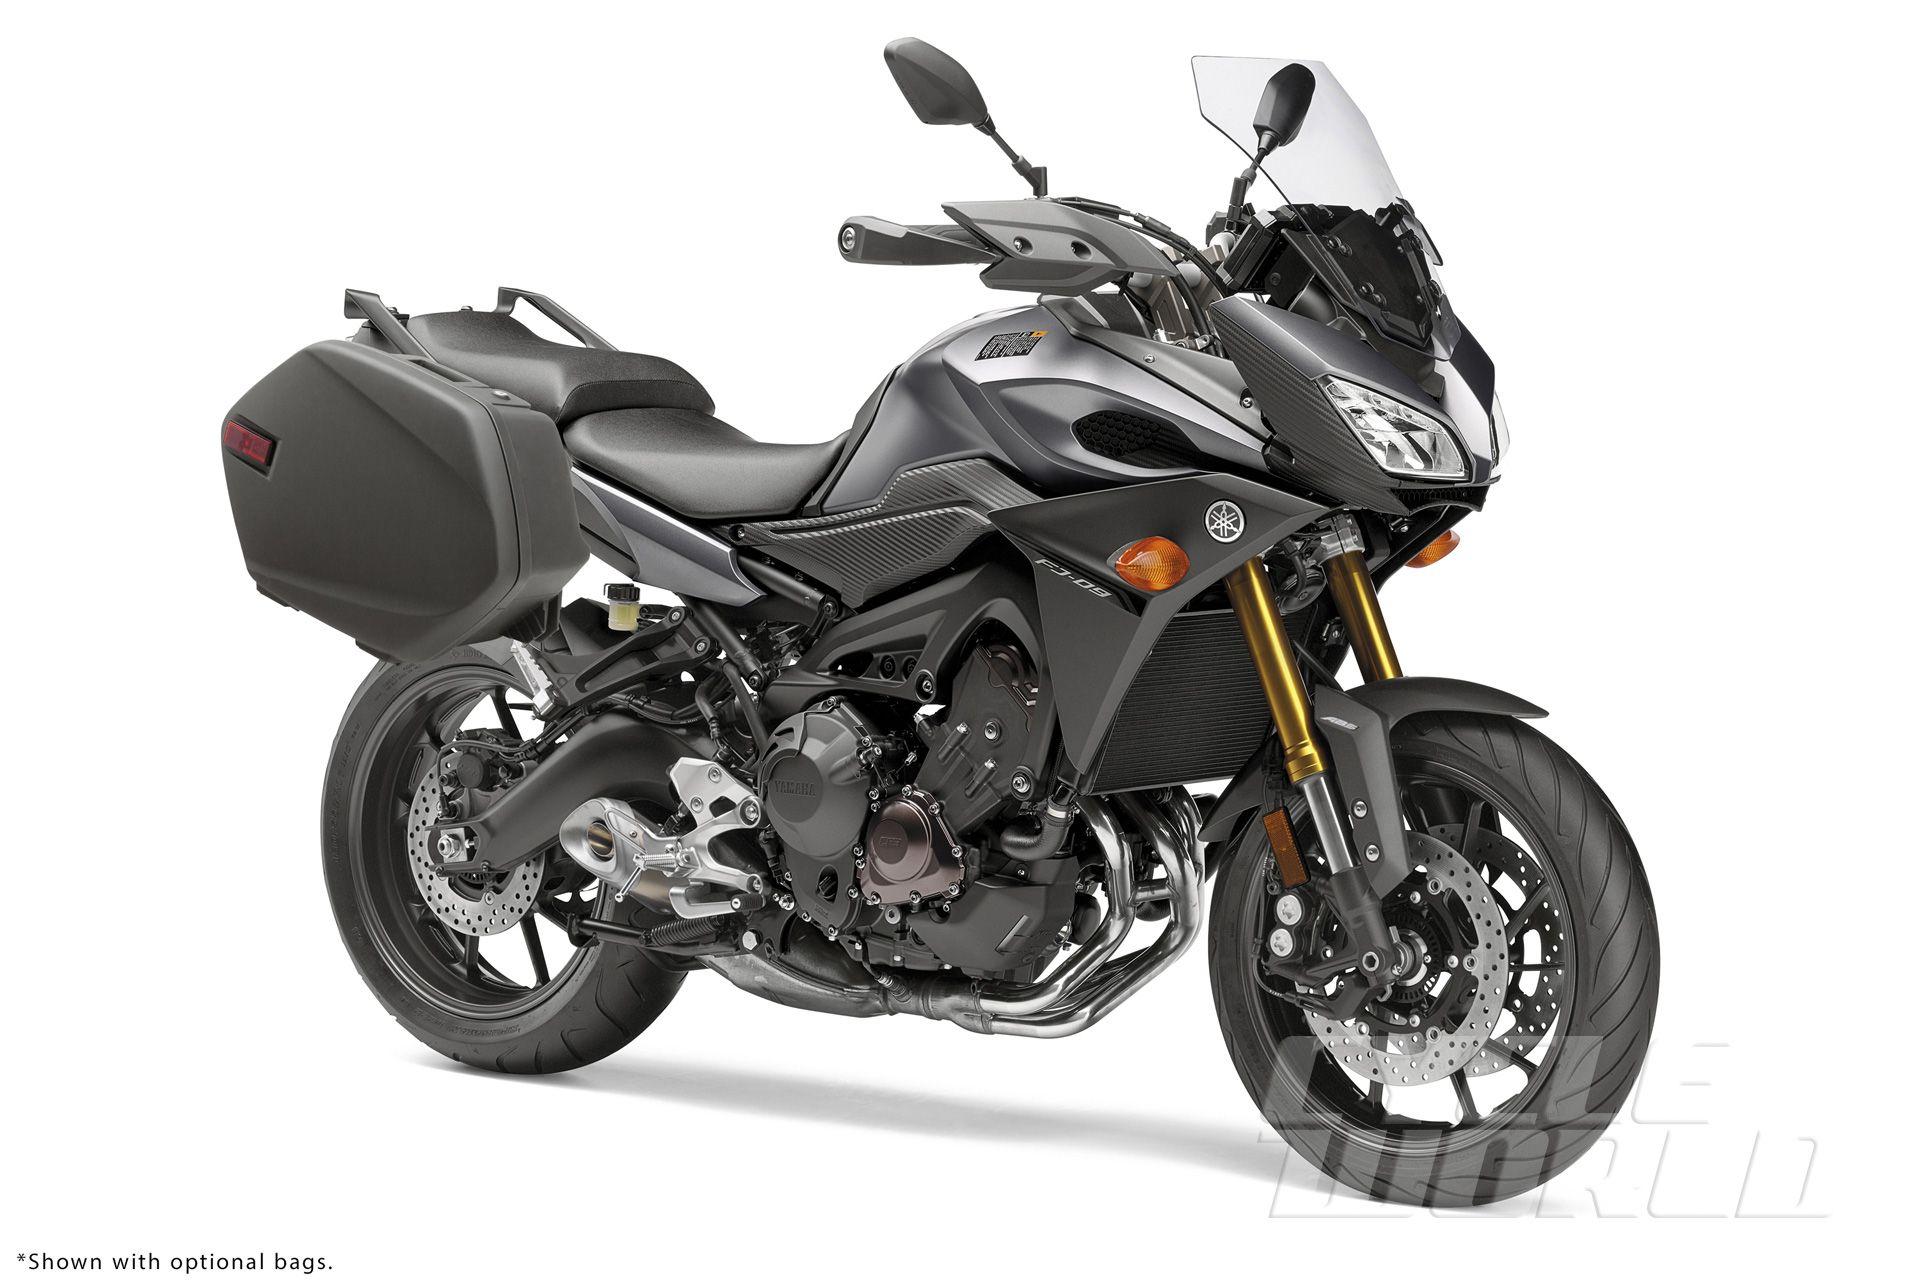 Yamaha mt 25 motor sport street fighter mesin 250cc spesifikasiharga net yamaha melucnurkan motor sport baru bro bergaya street fighetr atau